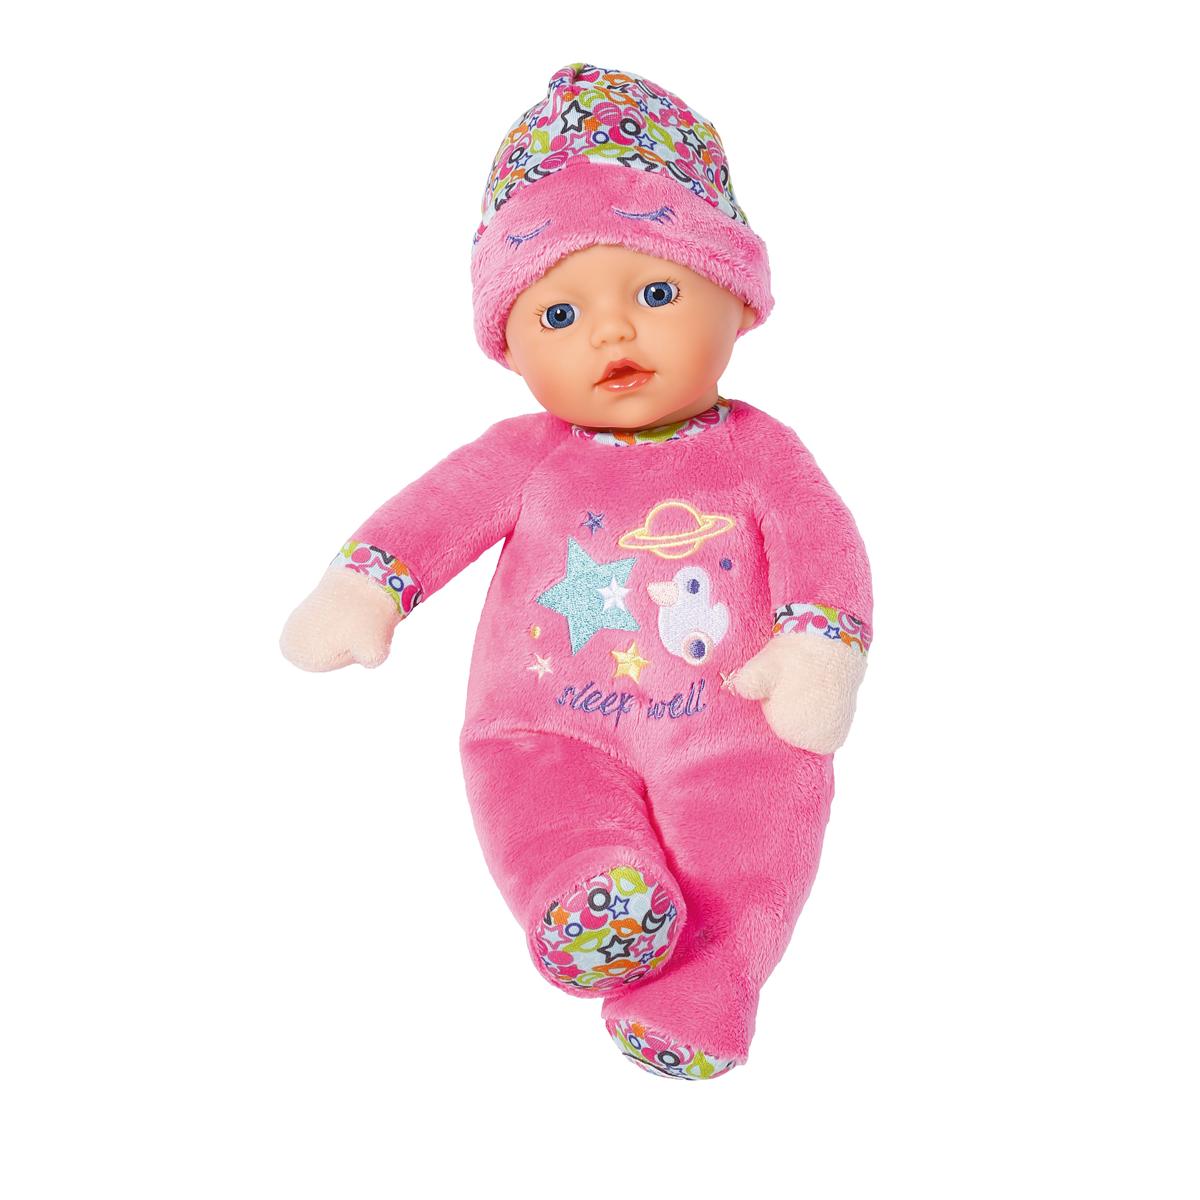 BABY Born Sleepy for Babies 30cm Doll